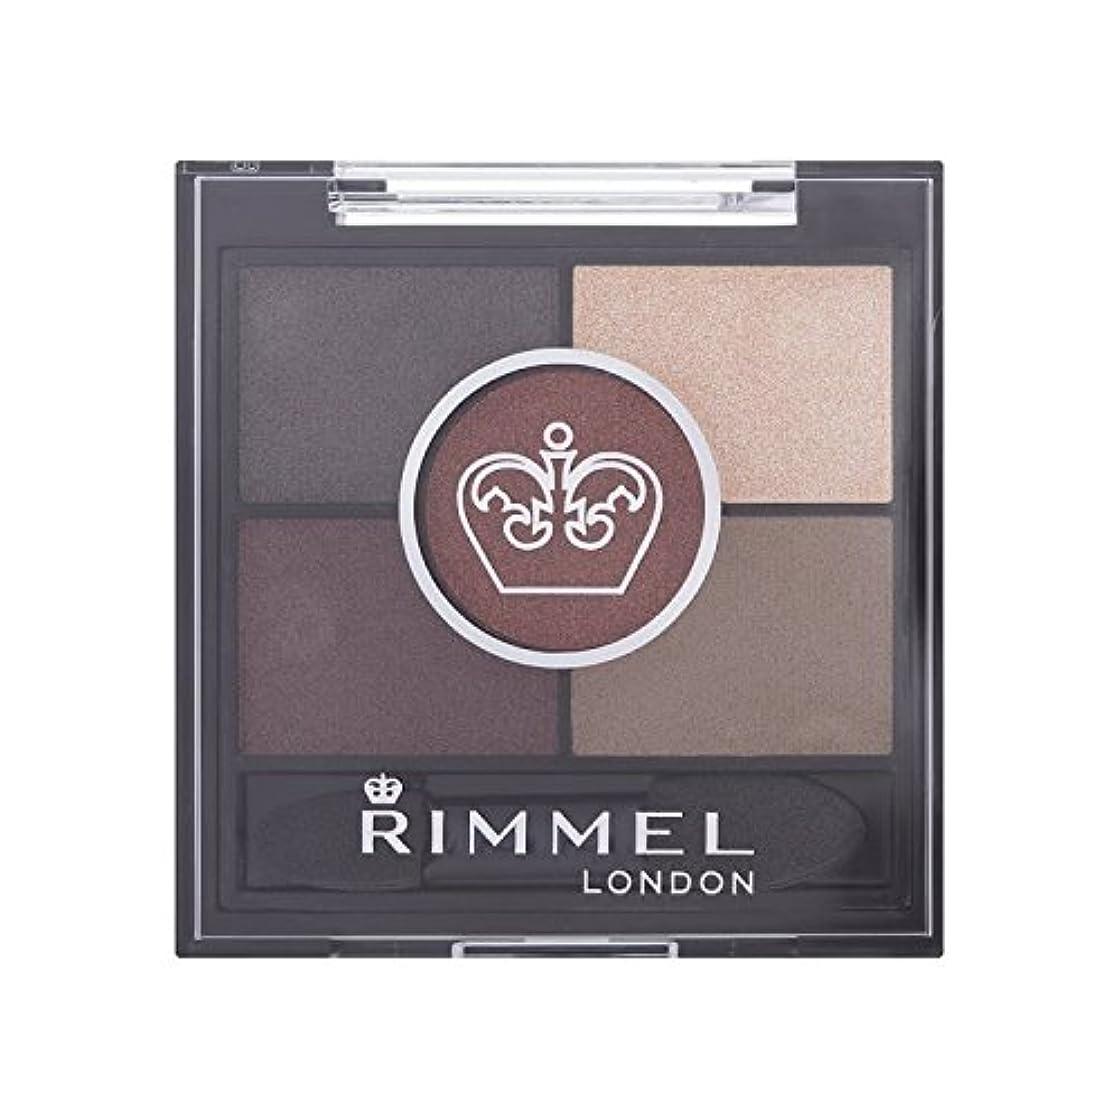 整理する迅速バウンスRimmel 5 Pan Eyeshadow Brixton Brown (Pack of 6) - 茶色のブリクストンリンメル5パンアイシャドウ x6 [並行輸入品]